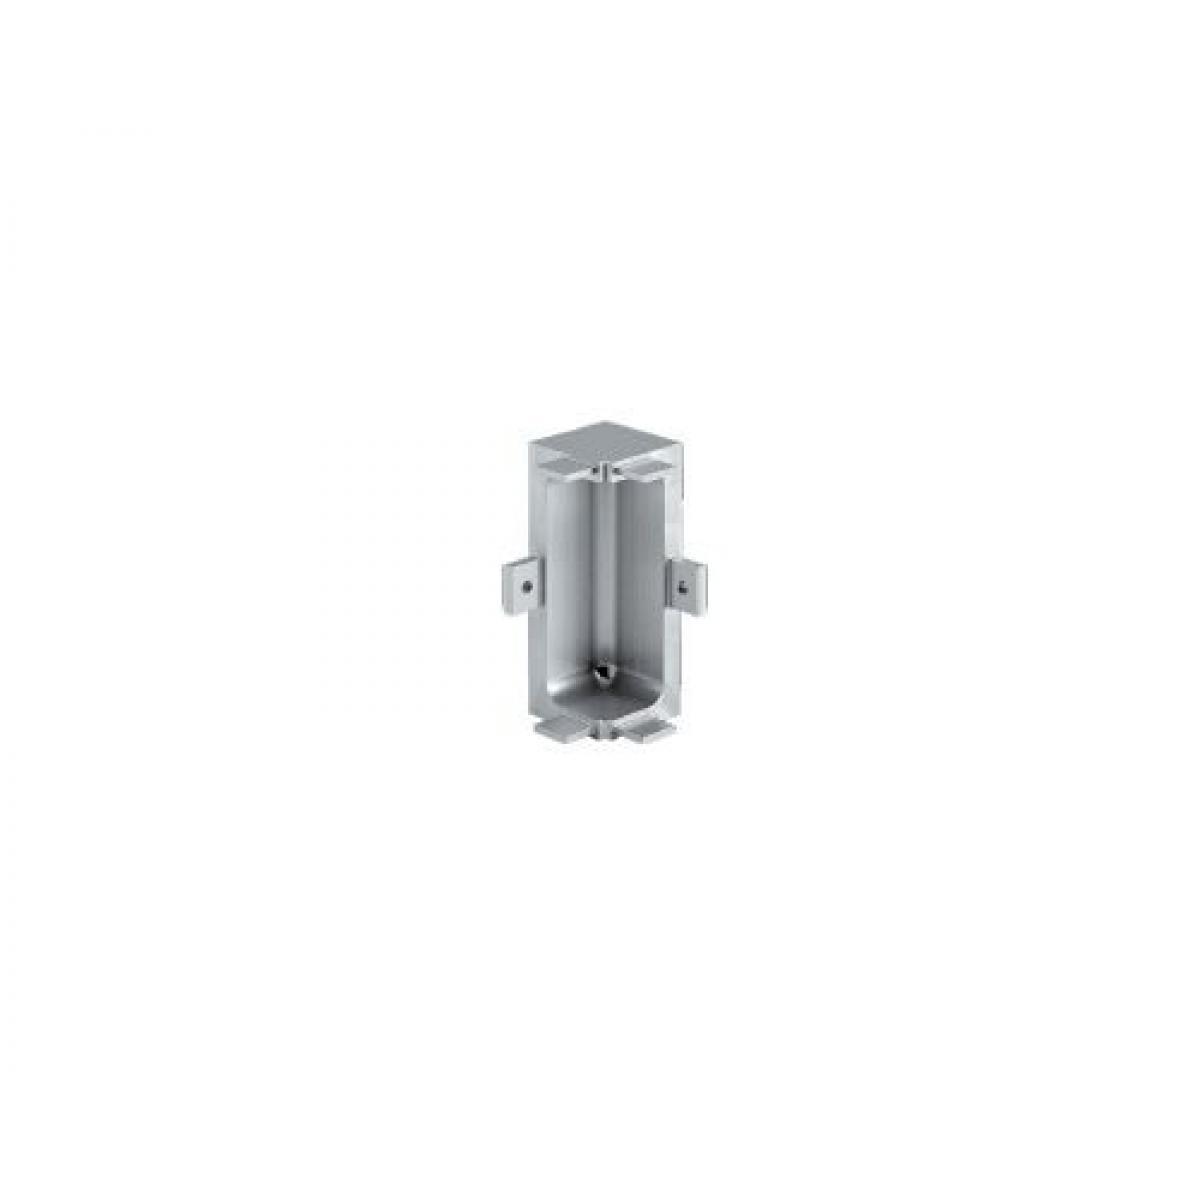 Внутренний угол90* AG8007-50S для профиля 8007